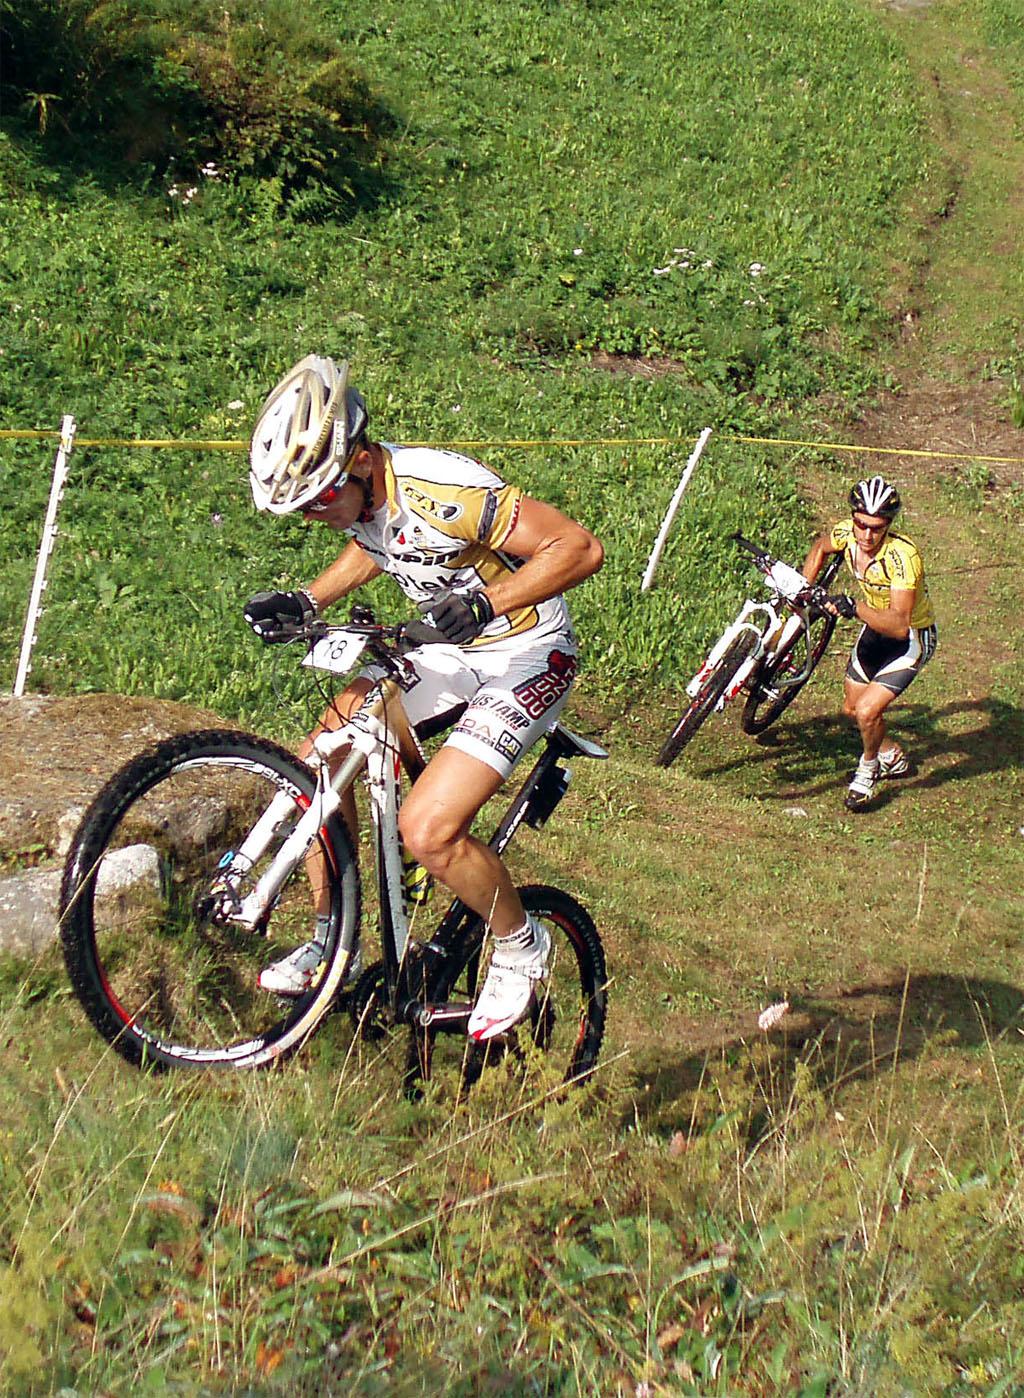 Rampinada di Mountain Bike edizione 2011